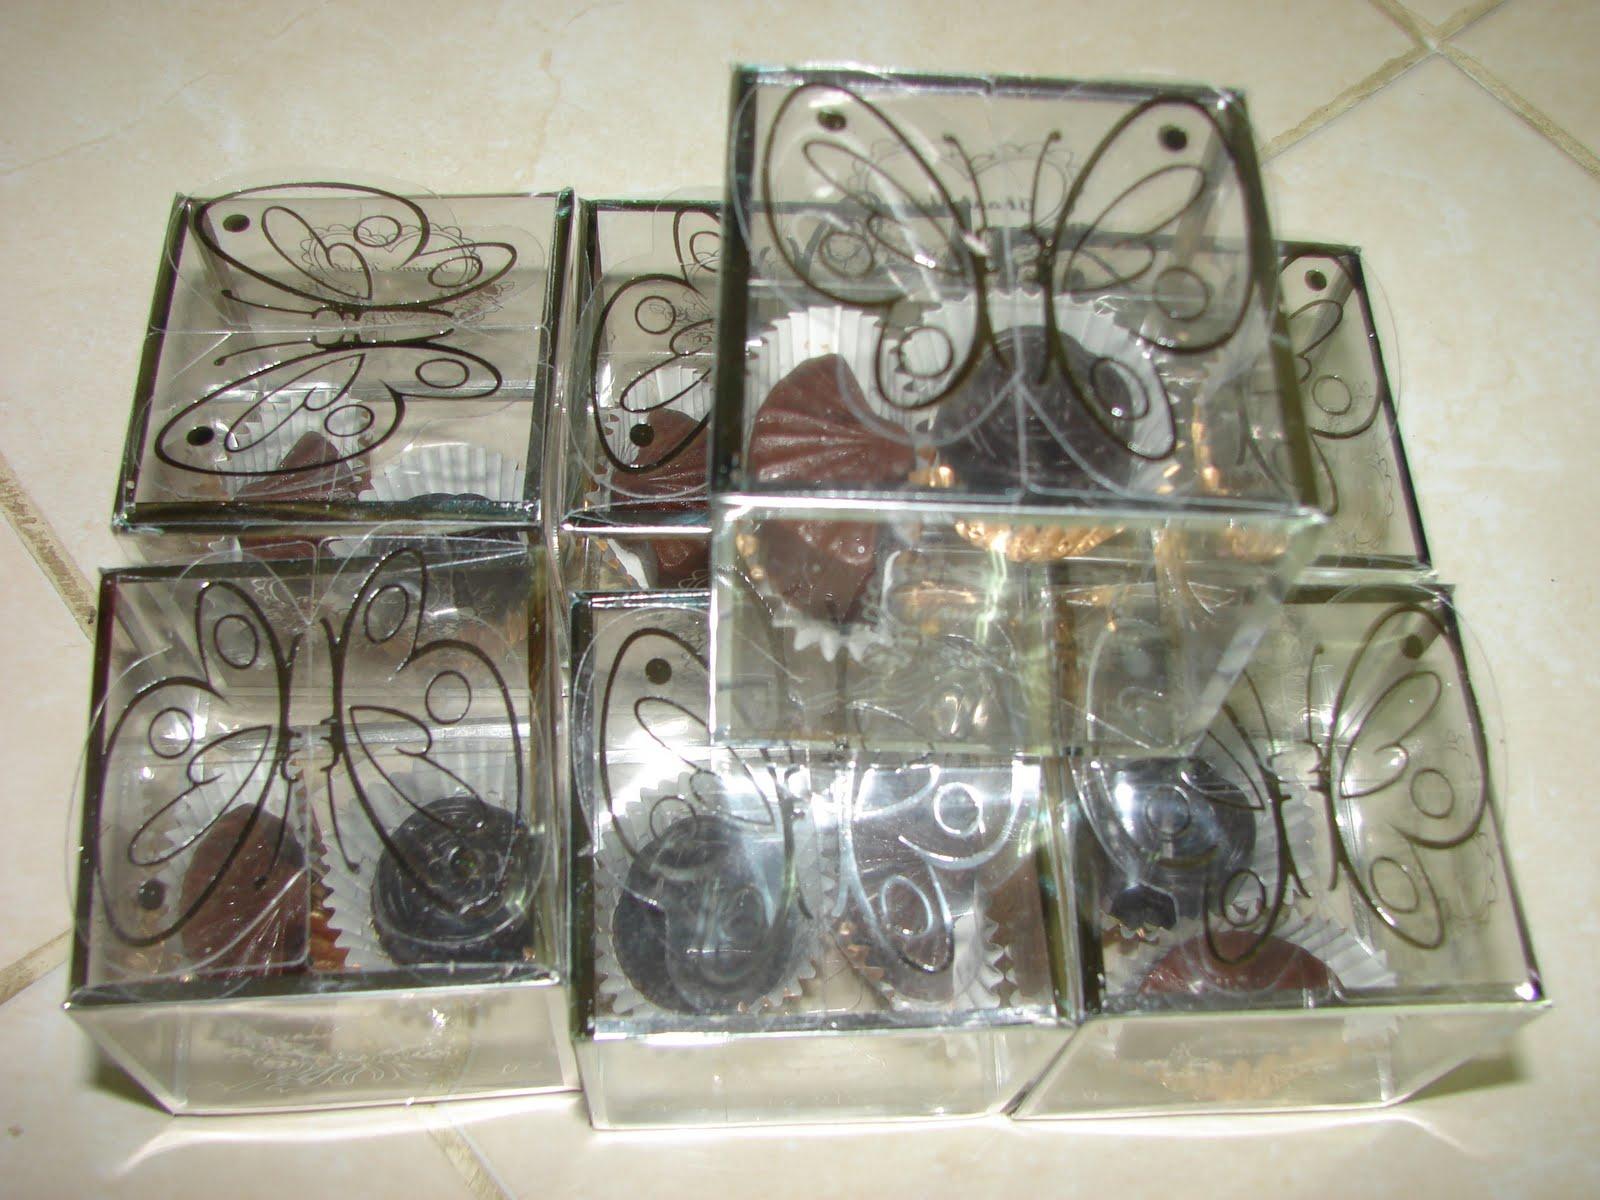 Contoh Door Gift: Homemade Coklat & Cupcake House: Contoh Choc Door Gift